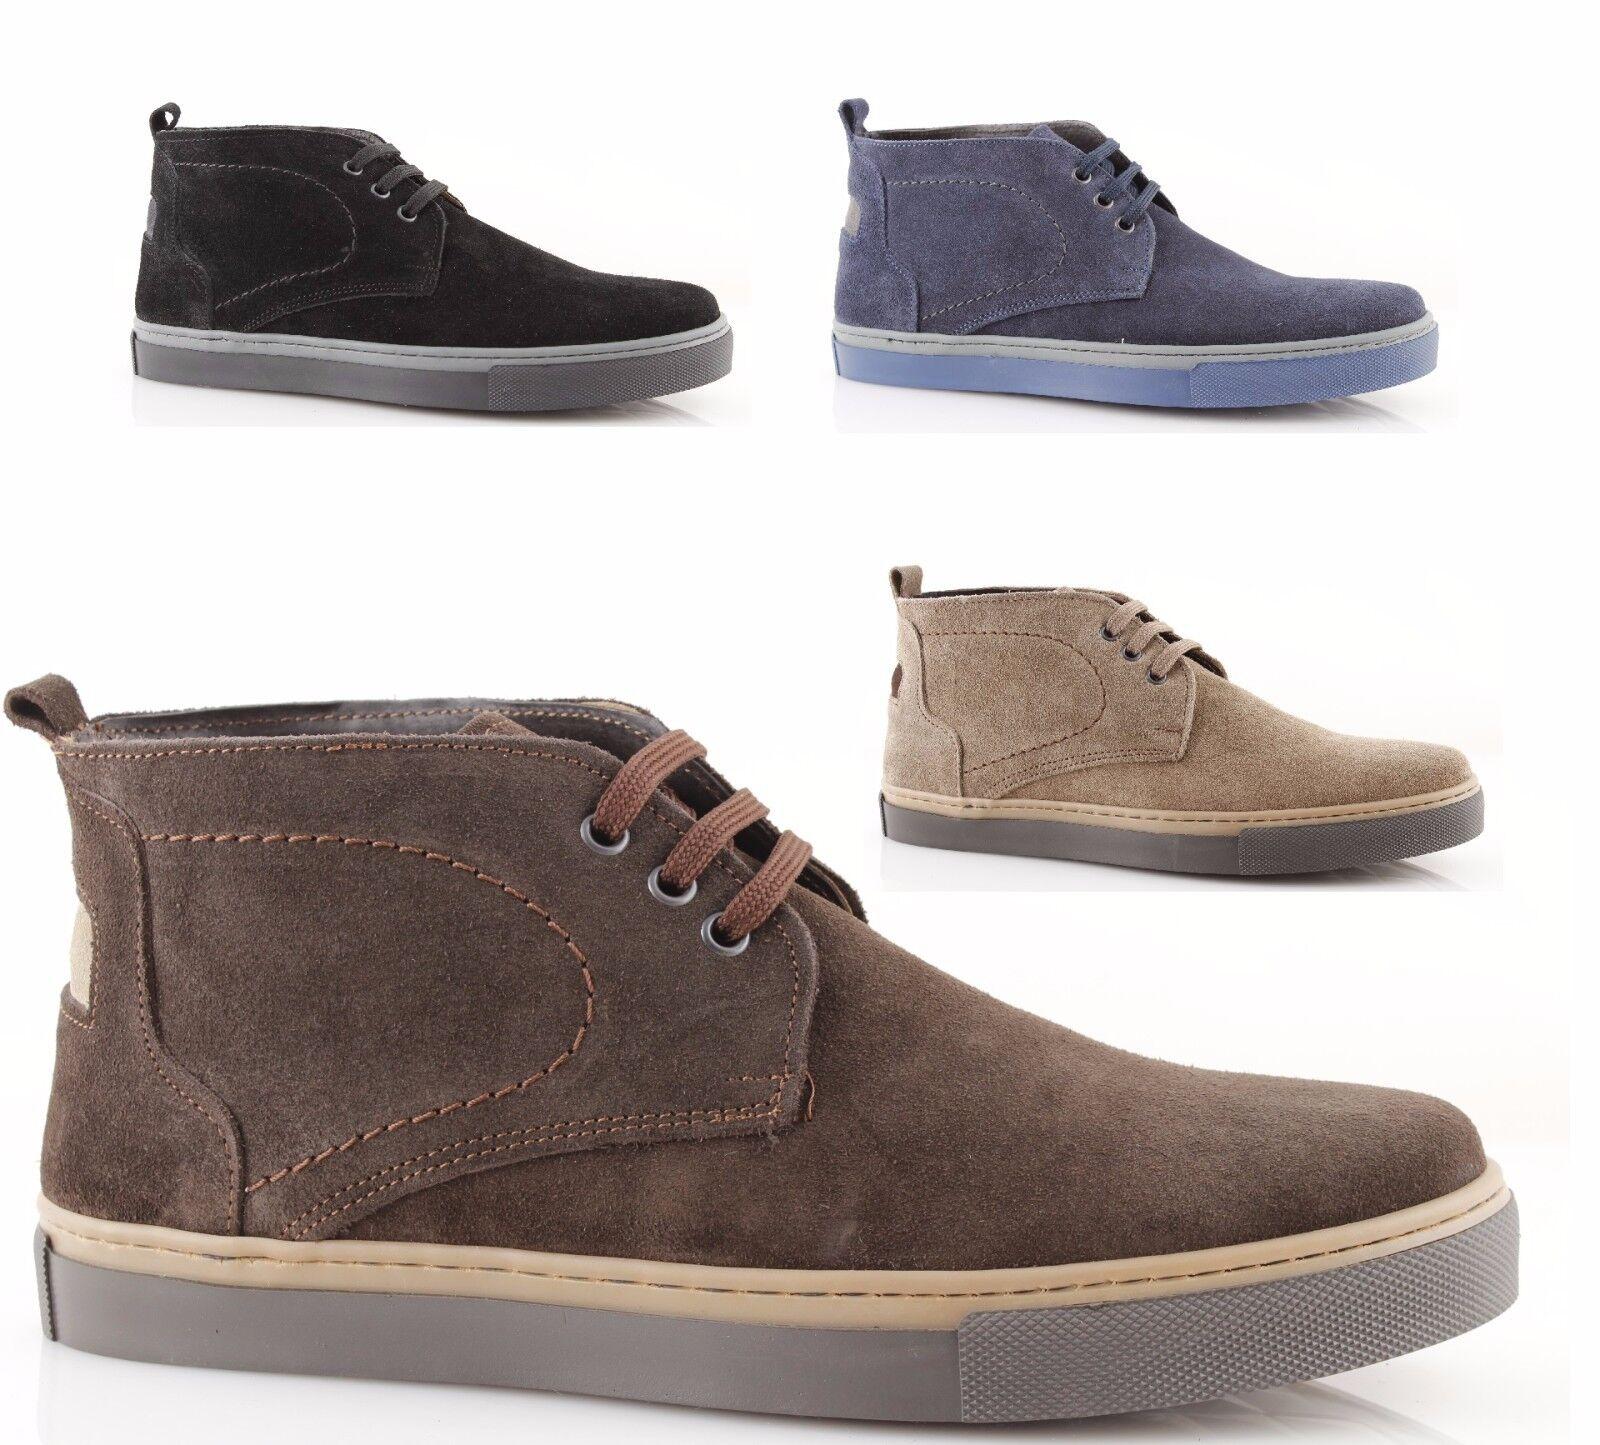 polacchine uomo scarpe made in italy pelle camoscio nero blu marrone beige nuove